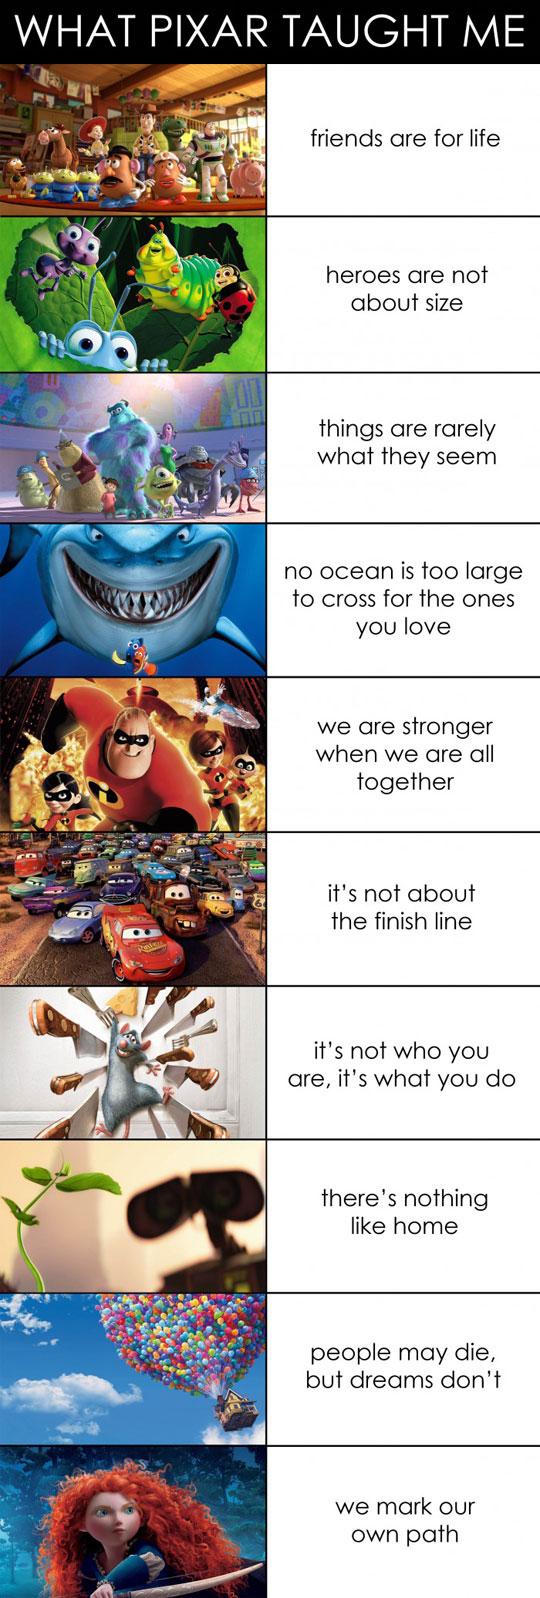 What Pixar Taught Me